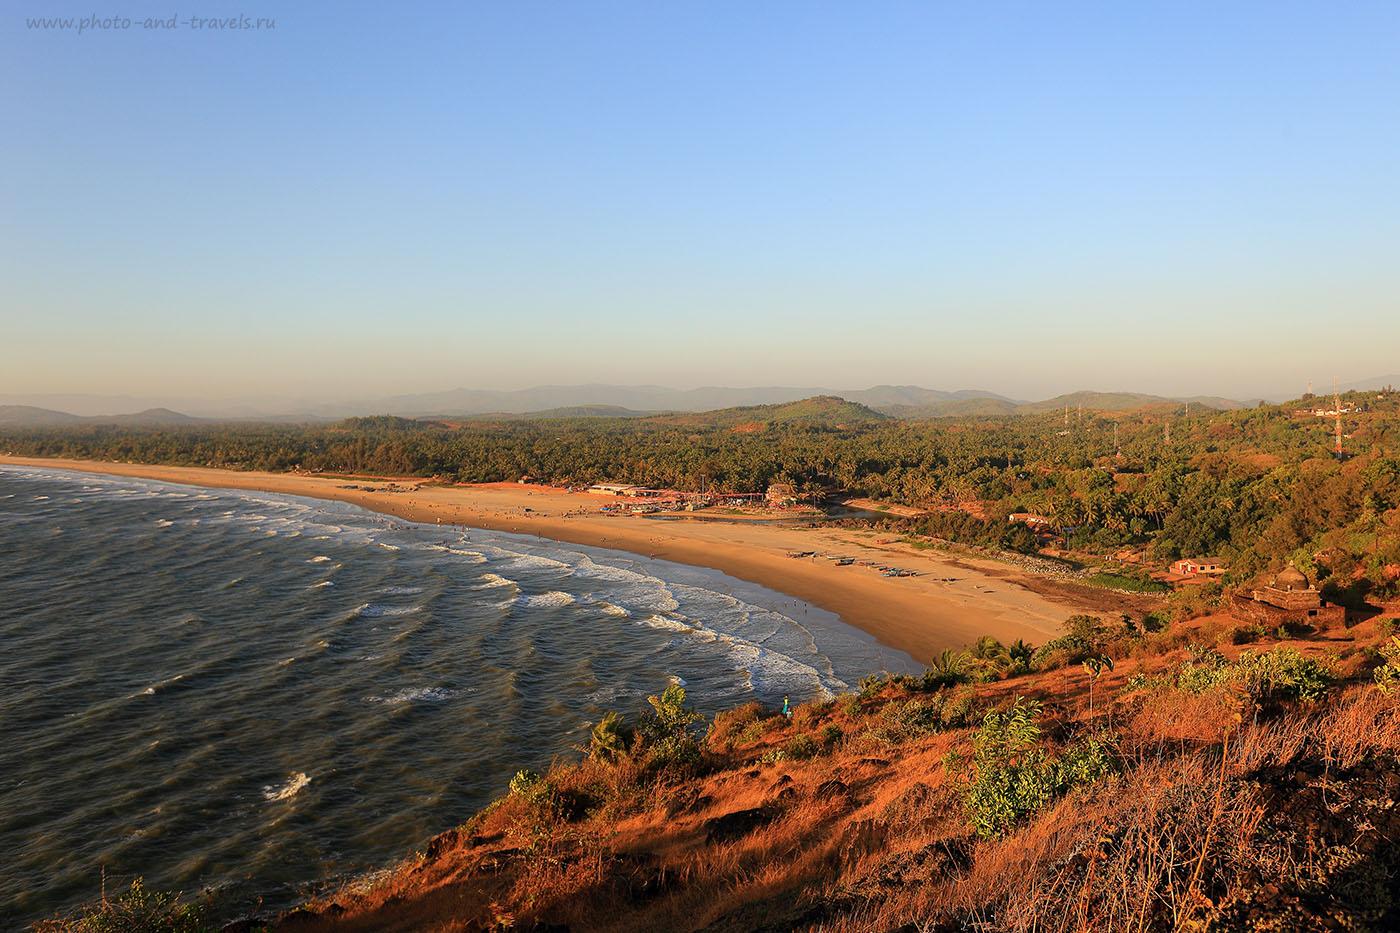 Фотография 2. Вид на Гокарну, штат Карнатака. Рассказы туристов об отдыхе на Южном Гоа в Индии. (17-40, 1/100, 0eV, f5.6, 24mm, ISO 100)